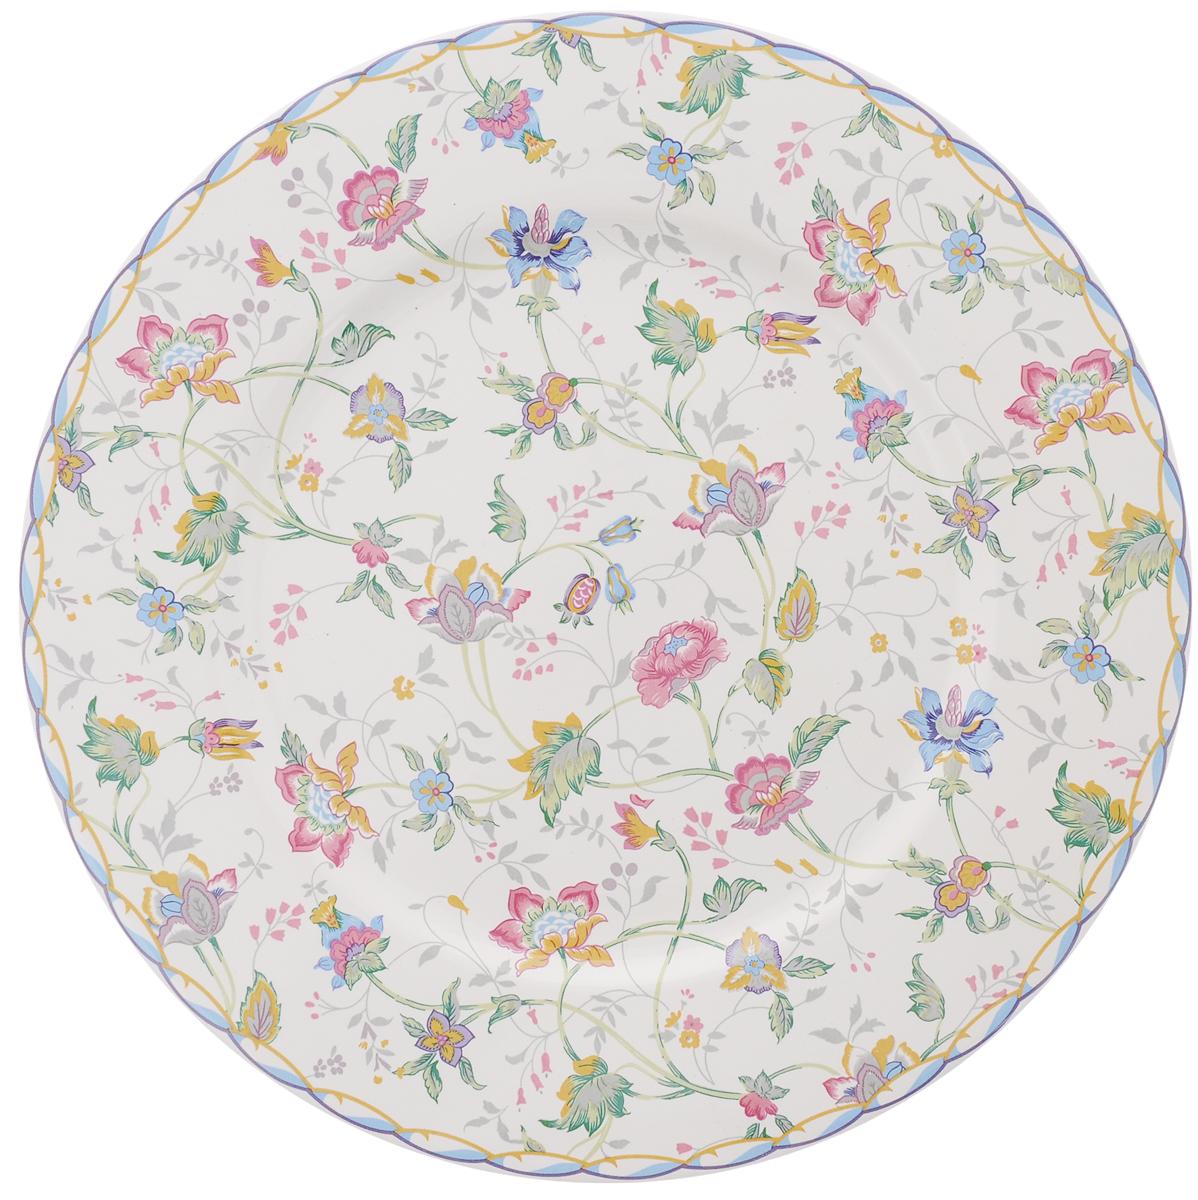 Тарелка House & Holder, диаметр 23 смLUNA09-1109/1Тарелка House & Holder сочетает в себе изысканный дизайн с максимальной функциональностью. Красочность оформления придется по вкусу и ценителям классики, и тем, кто предпочитает утонченность и изысканность. Тарелка выполнена из фаянса. Оригинальный рисунок придает набору особый шарм, который понравится каждому. Диаметр тарелки: 23 см.